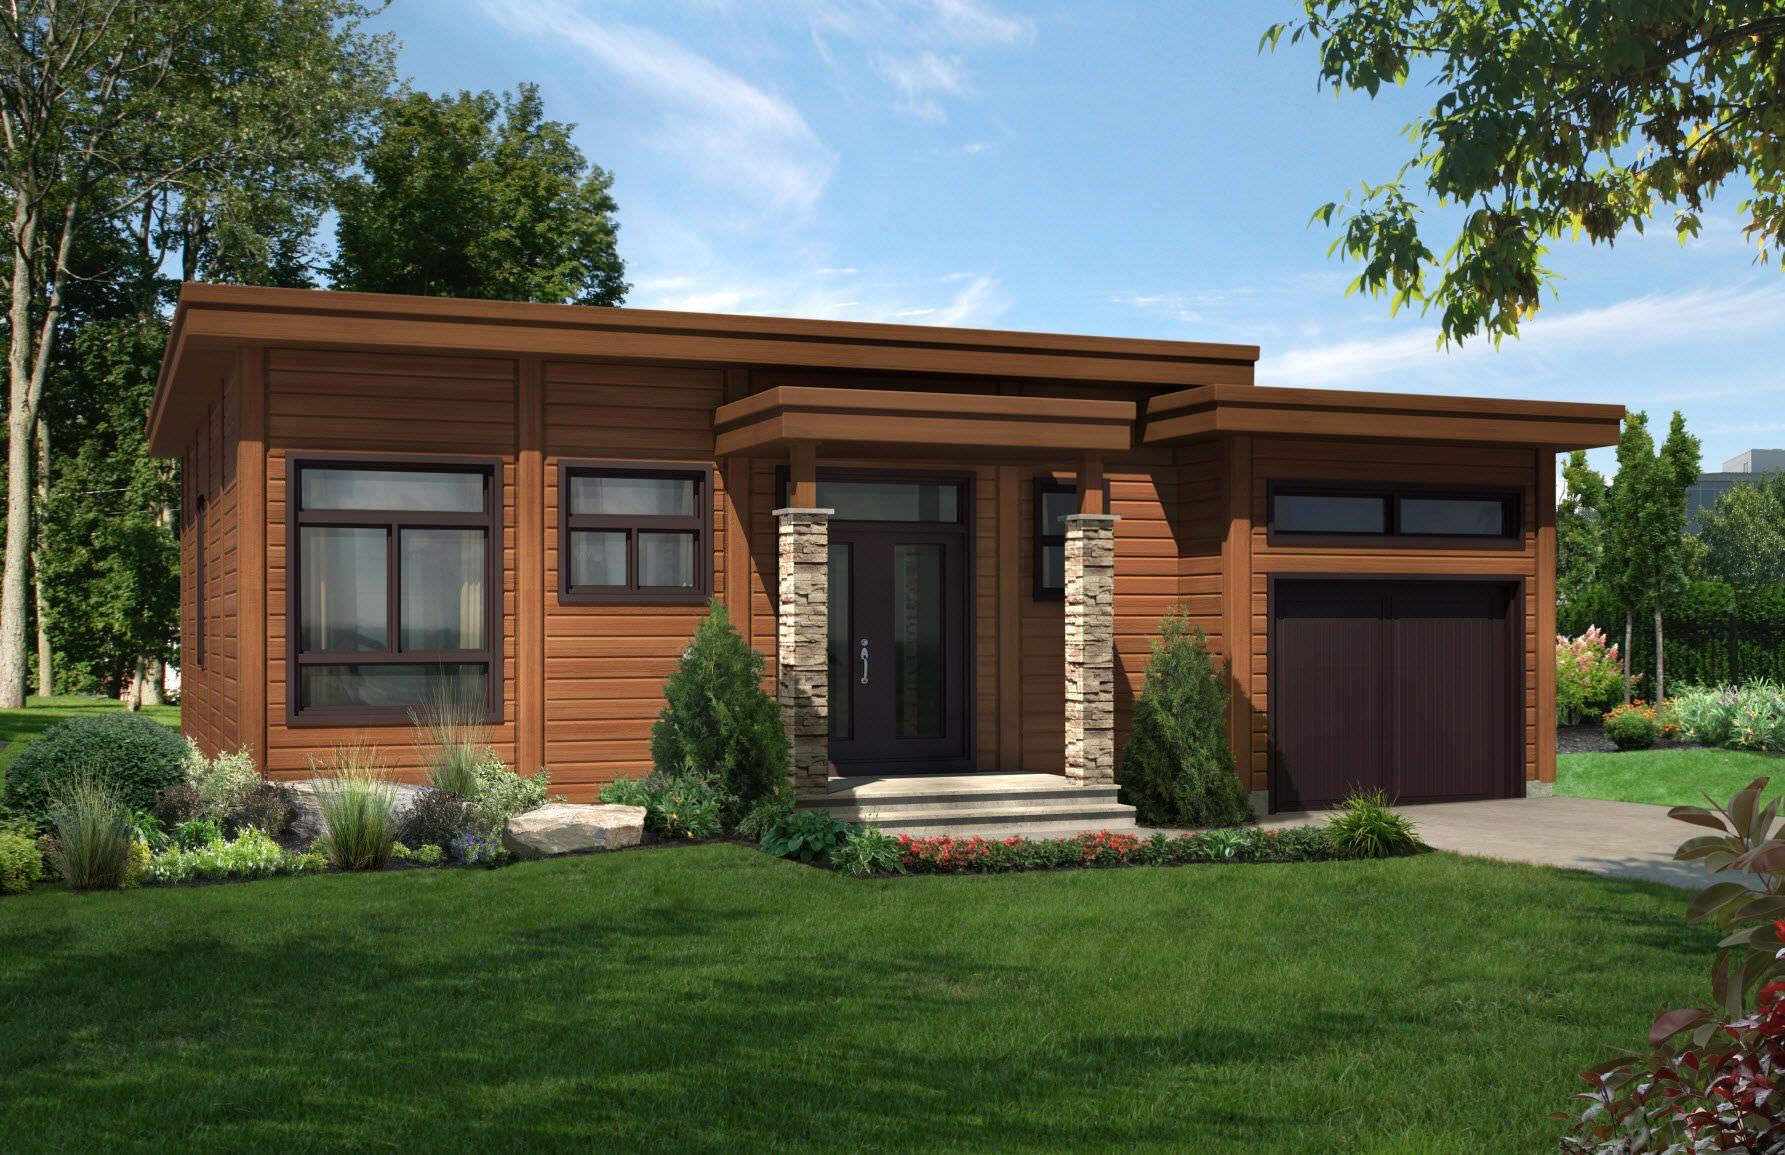 Fachadas de casas modernas de un piso buscar con google for Fachadas casas modernas de una planta